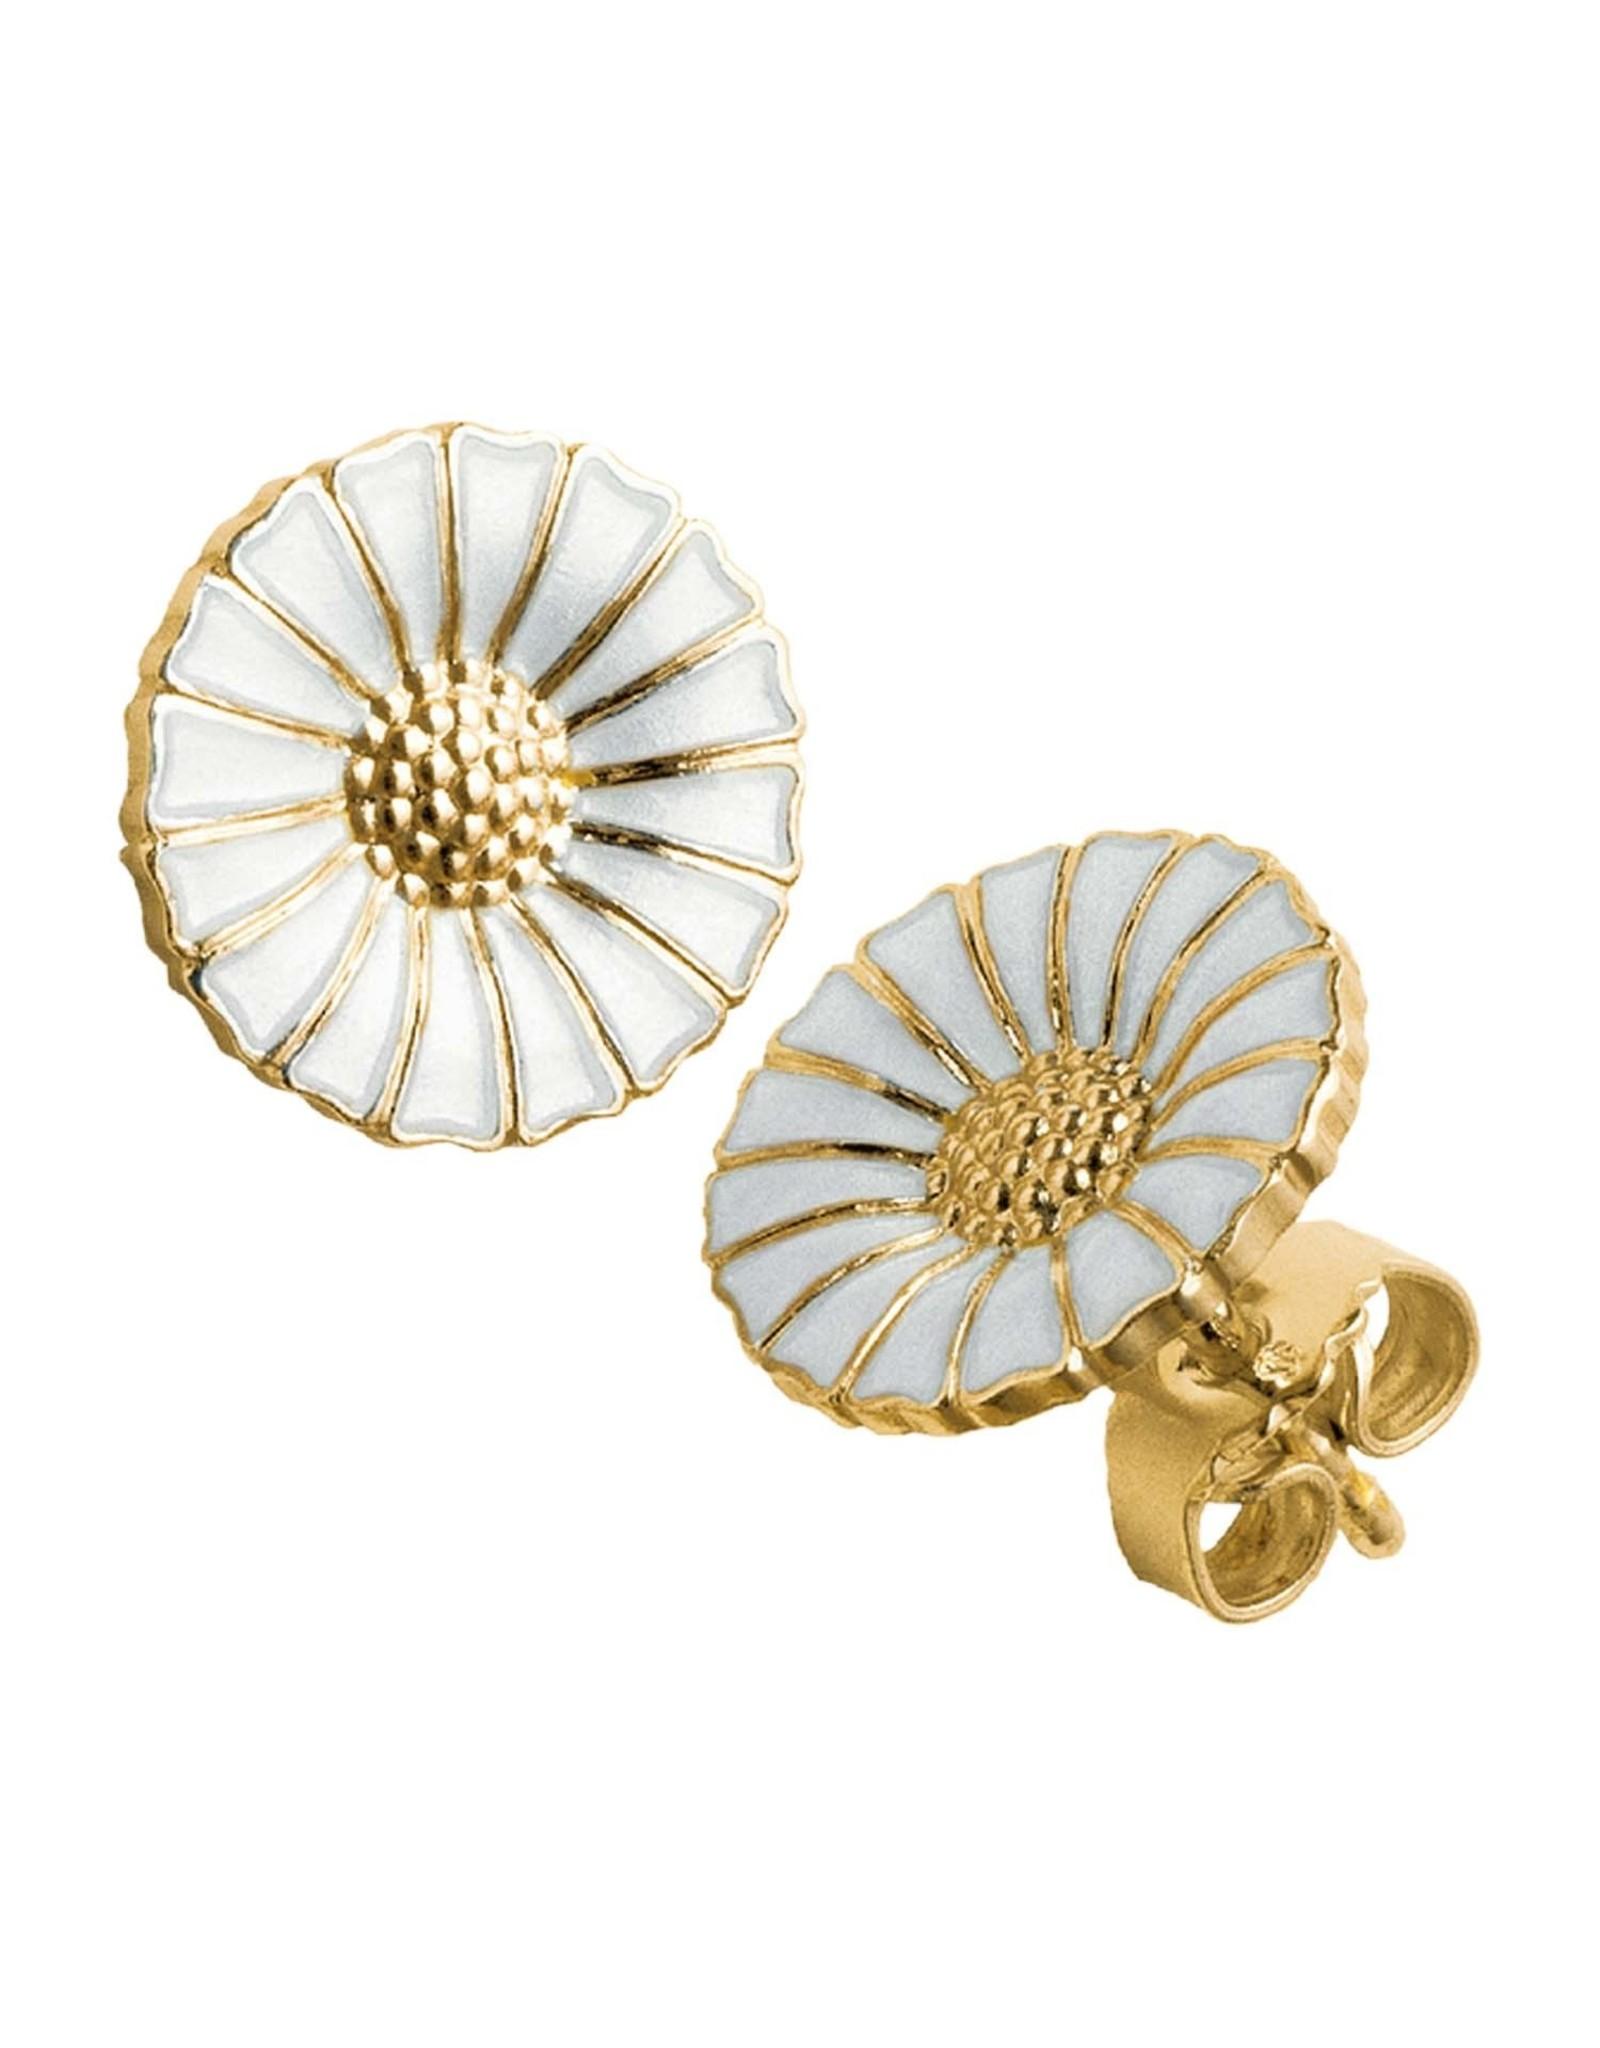 Georg Jensen Daisy Earrings, Gold, 11mm